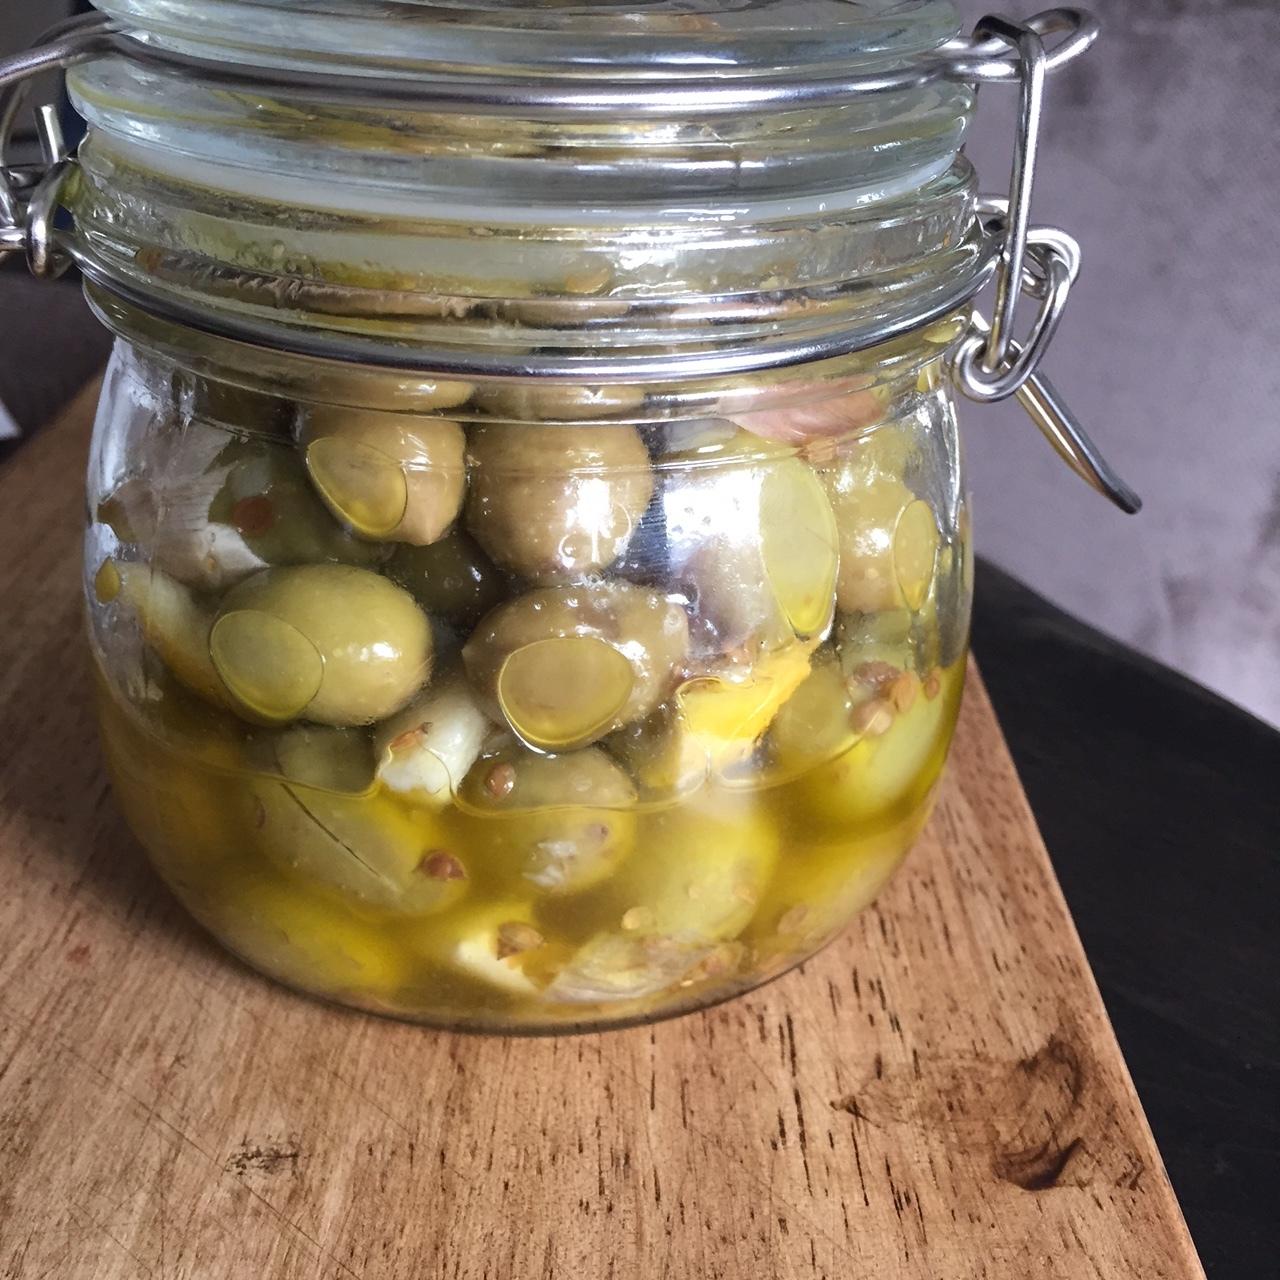 Irene's addictive lemon and garlic marinated olives